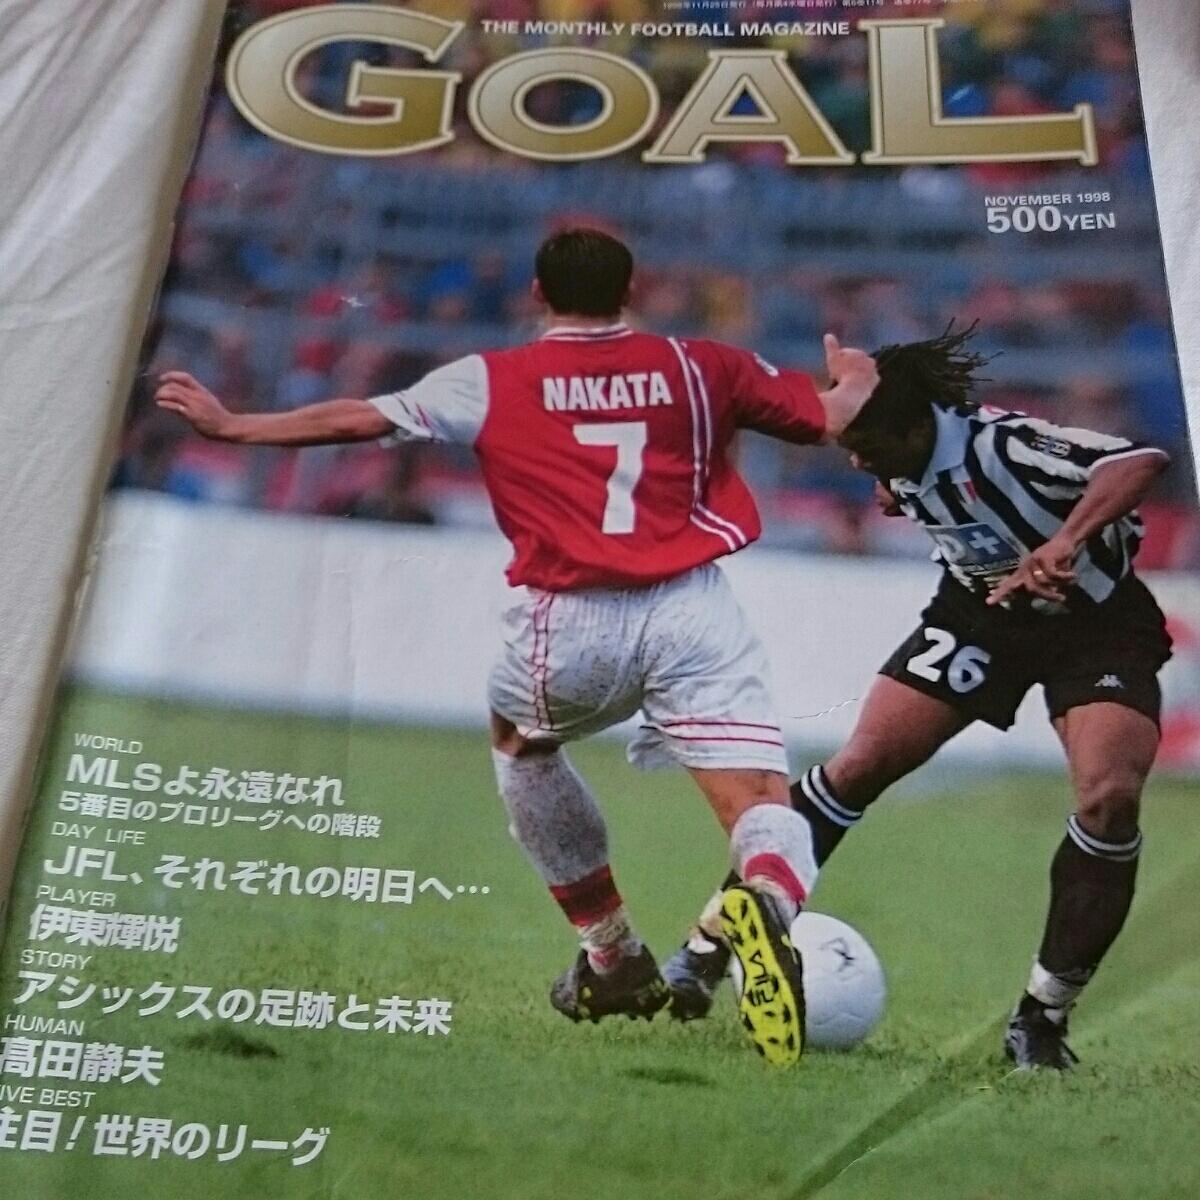 サッカー雑誌『ゴールGOAL1998ー11』4点送料無料清水エスパルス_画像1